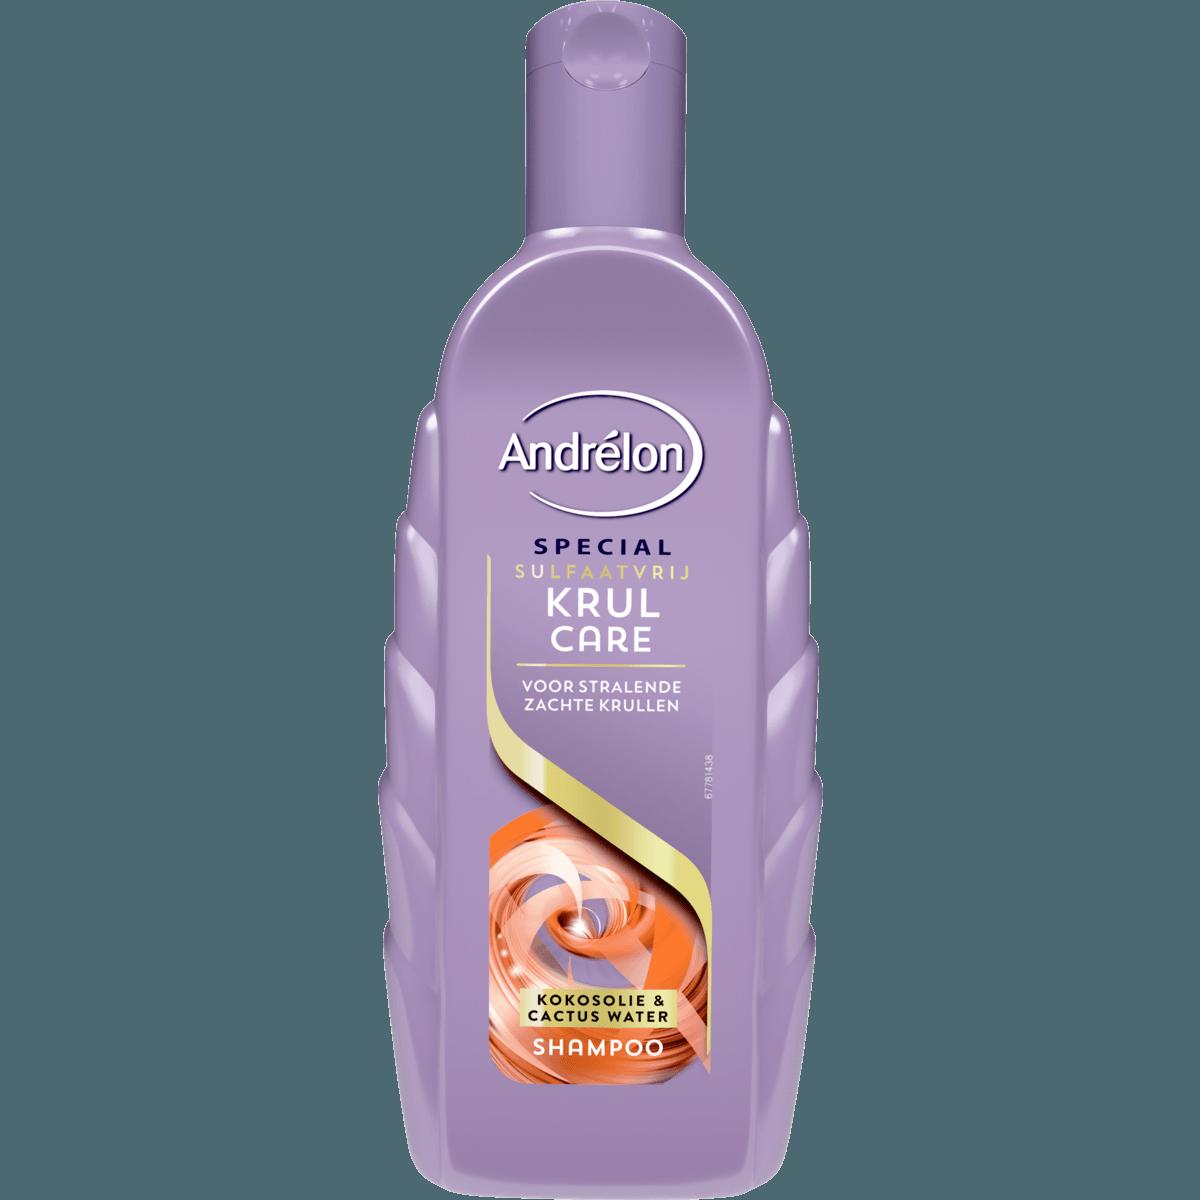 5 stuks Andrélon shampoo, conditioners en maskers voor €10